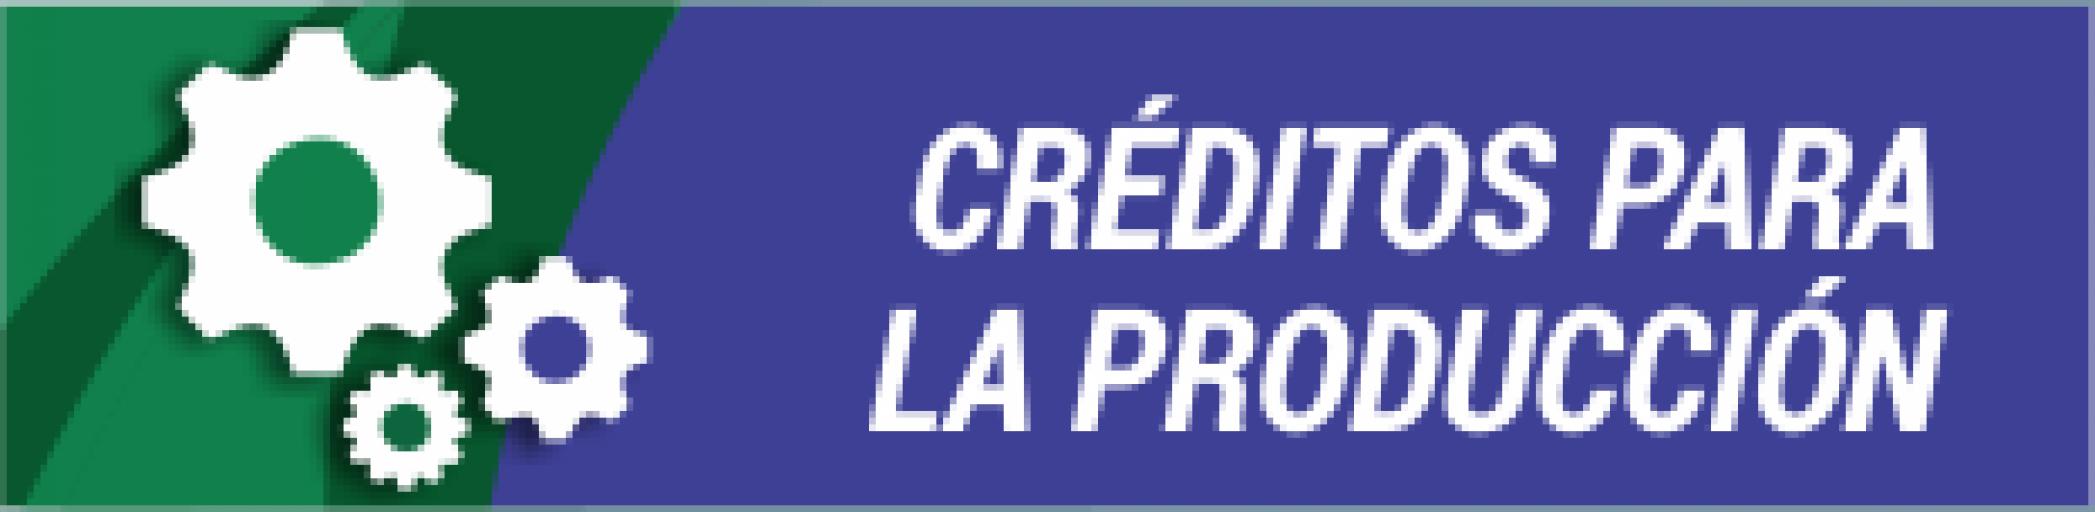 Créditos para la Producción